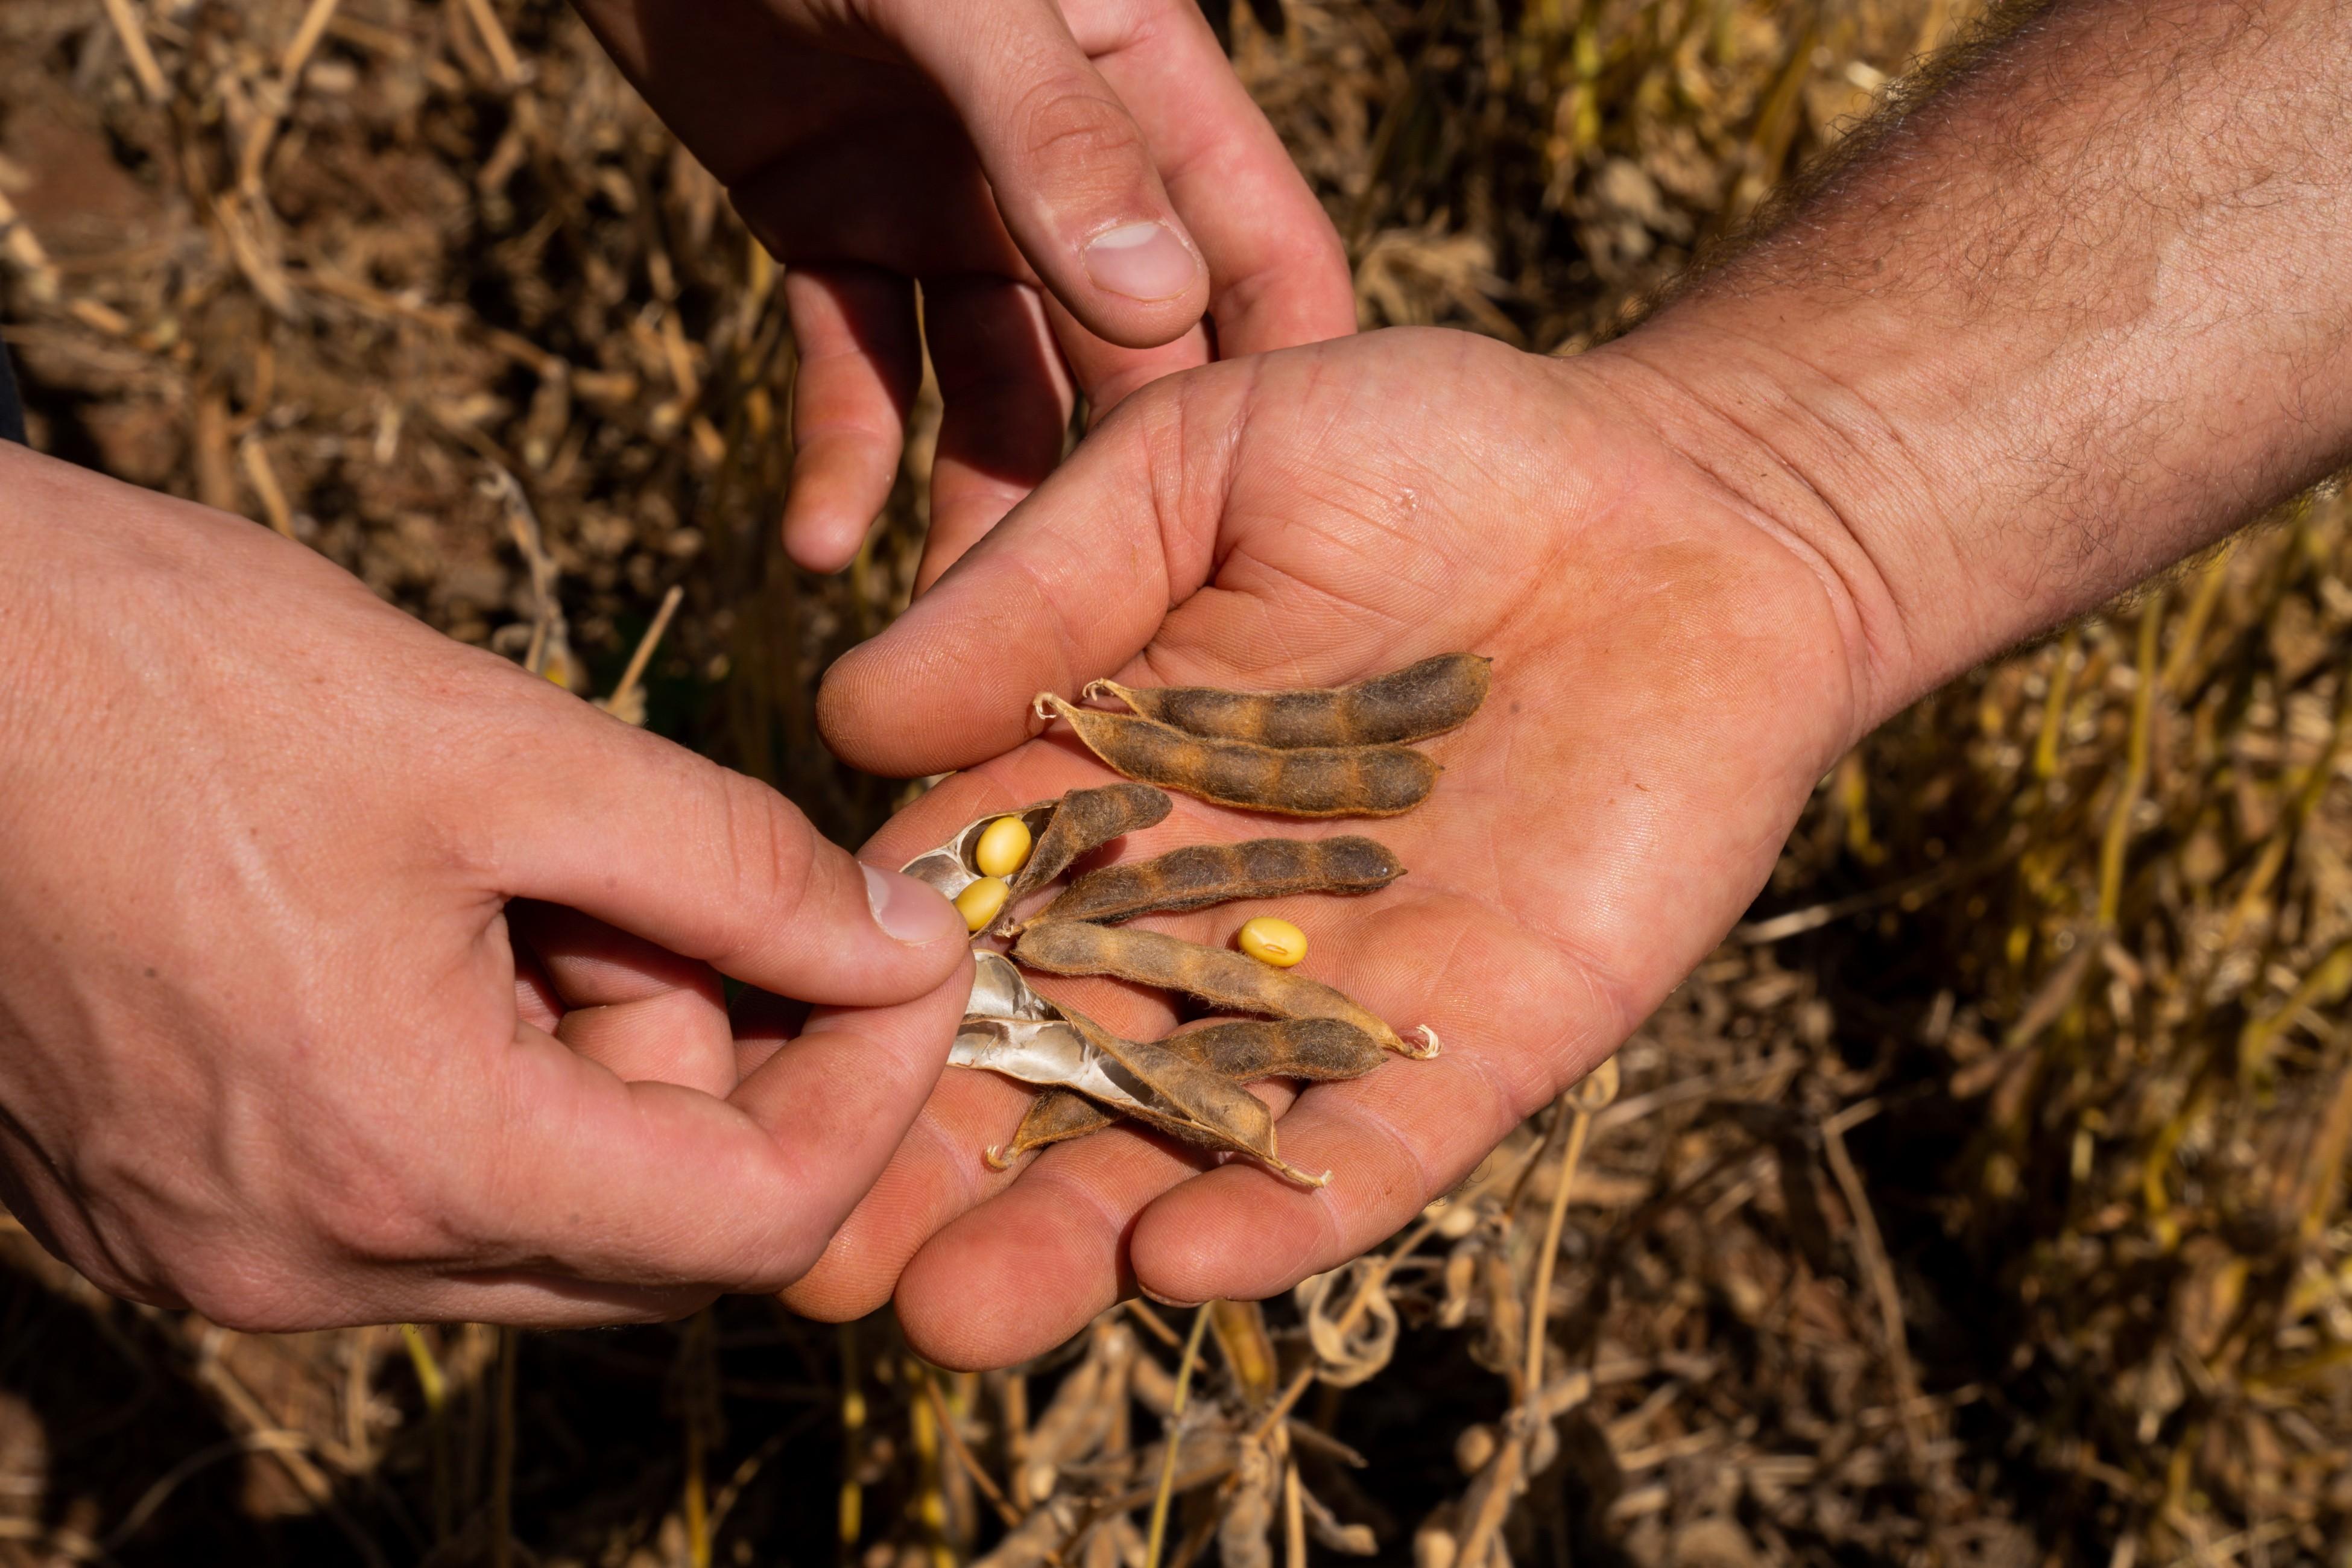 Faturamento da agropecuária tem recorde de R$ 871,3 bilhões em 2020; governo vê alta de 10% para este ano